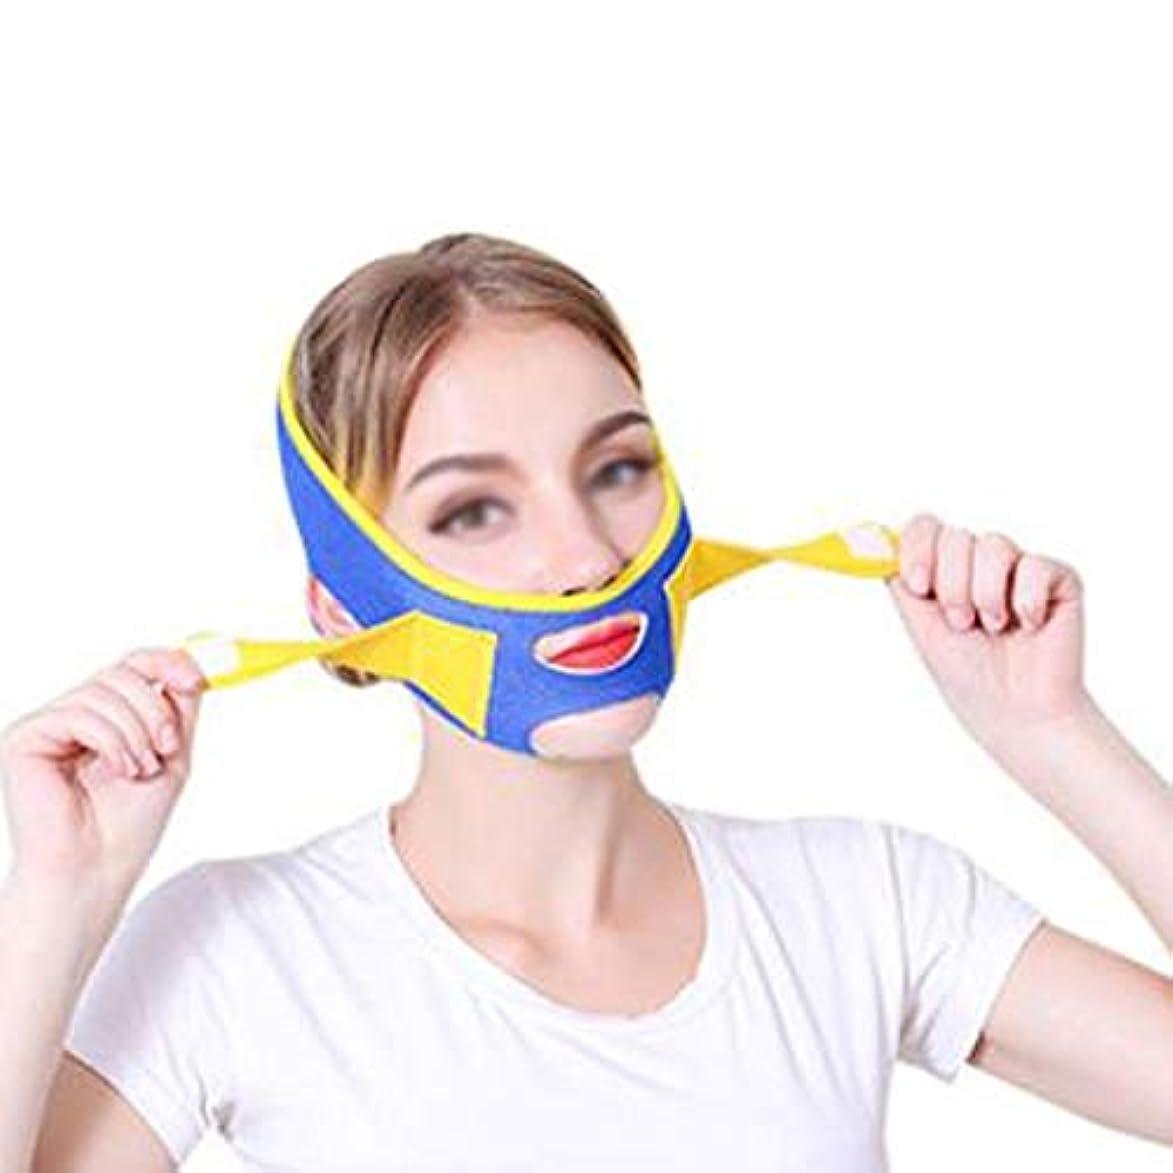 擁するひばり鳴らすZWBD フェイスマスク, リフティングフェイスマスク抗たるみVフェイスリフティング包帯を布布する薄い二重あご通気性睡眠マスクギフト